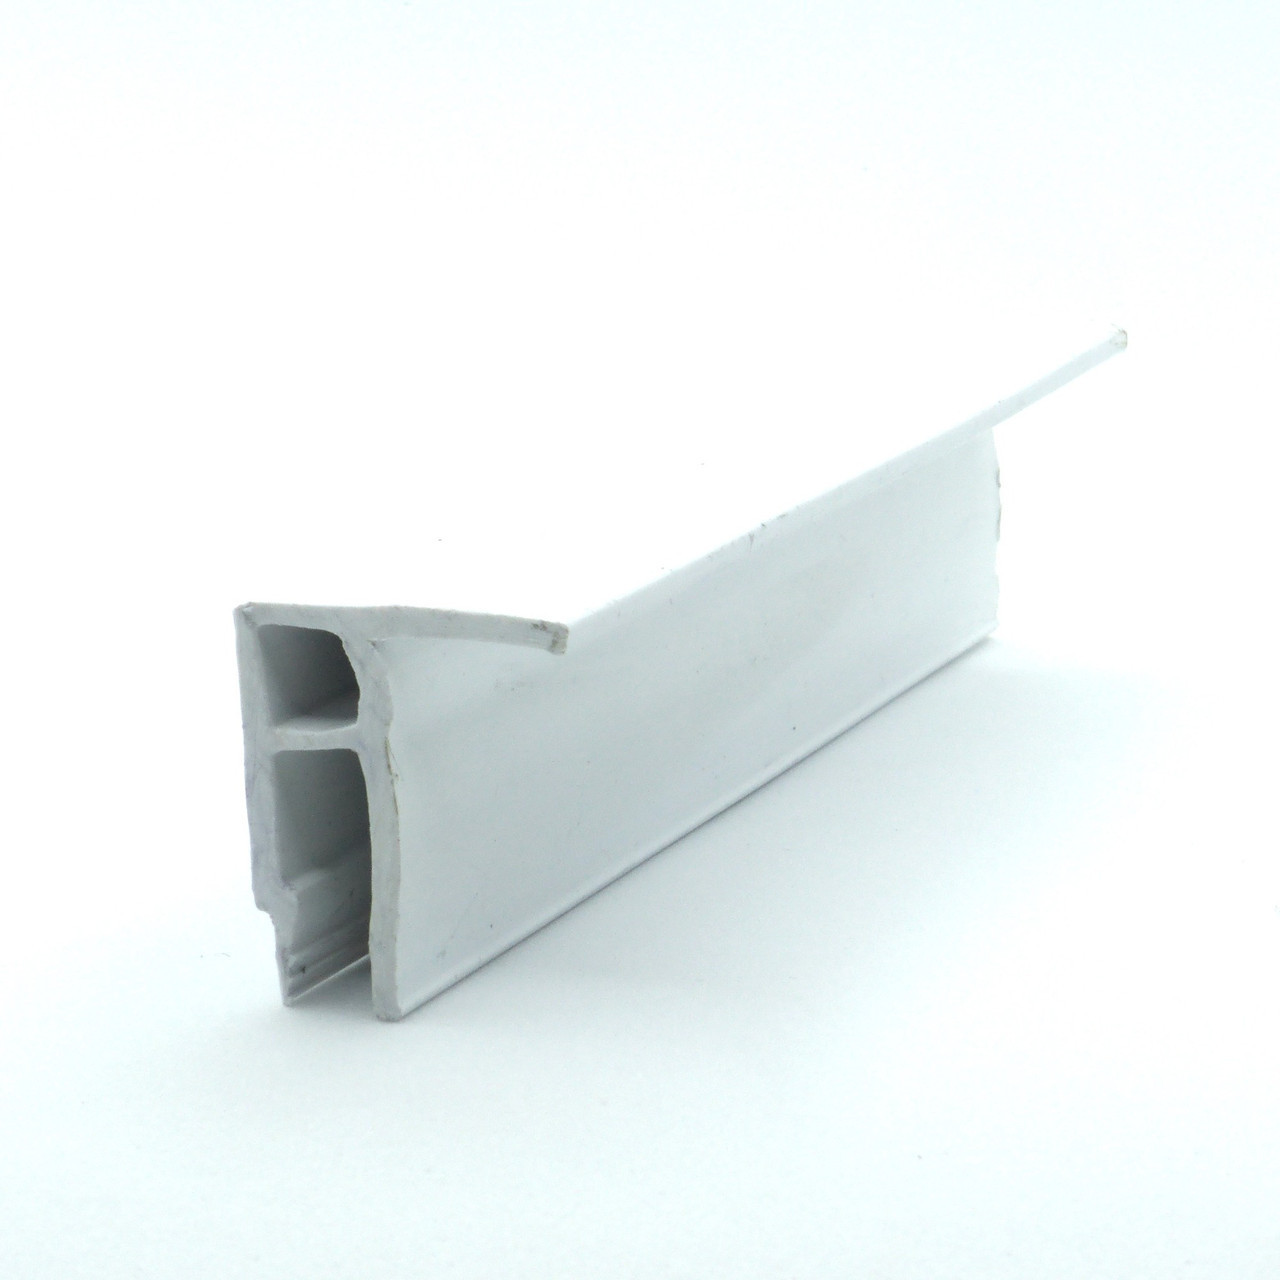 Профіль пластиковий для натяжних стель - універсальний. Довжина профілю 2,5 м.